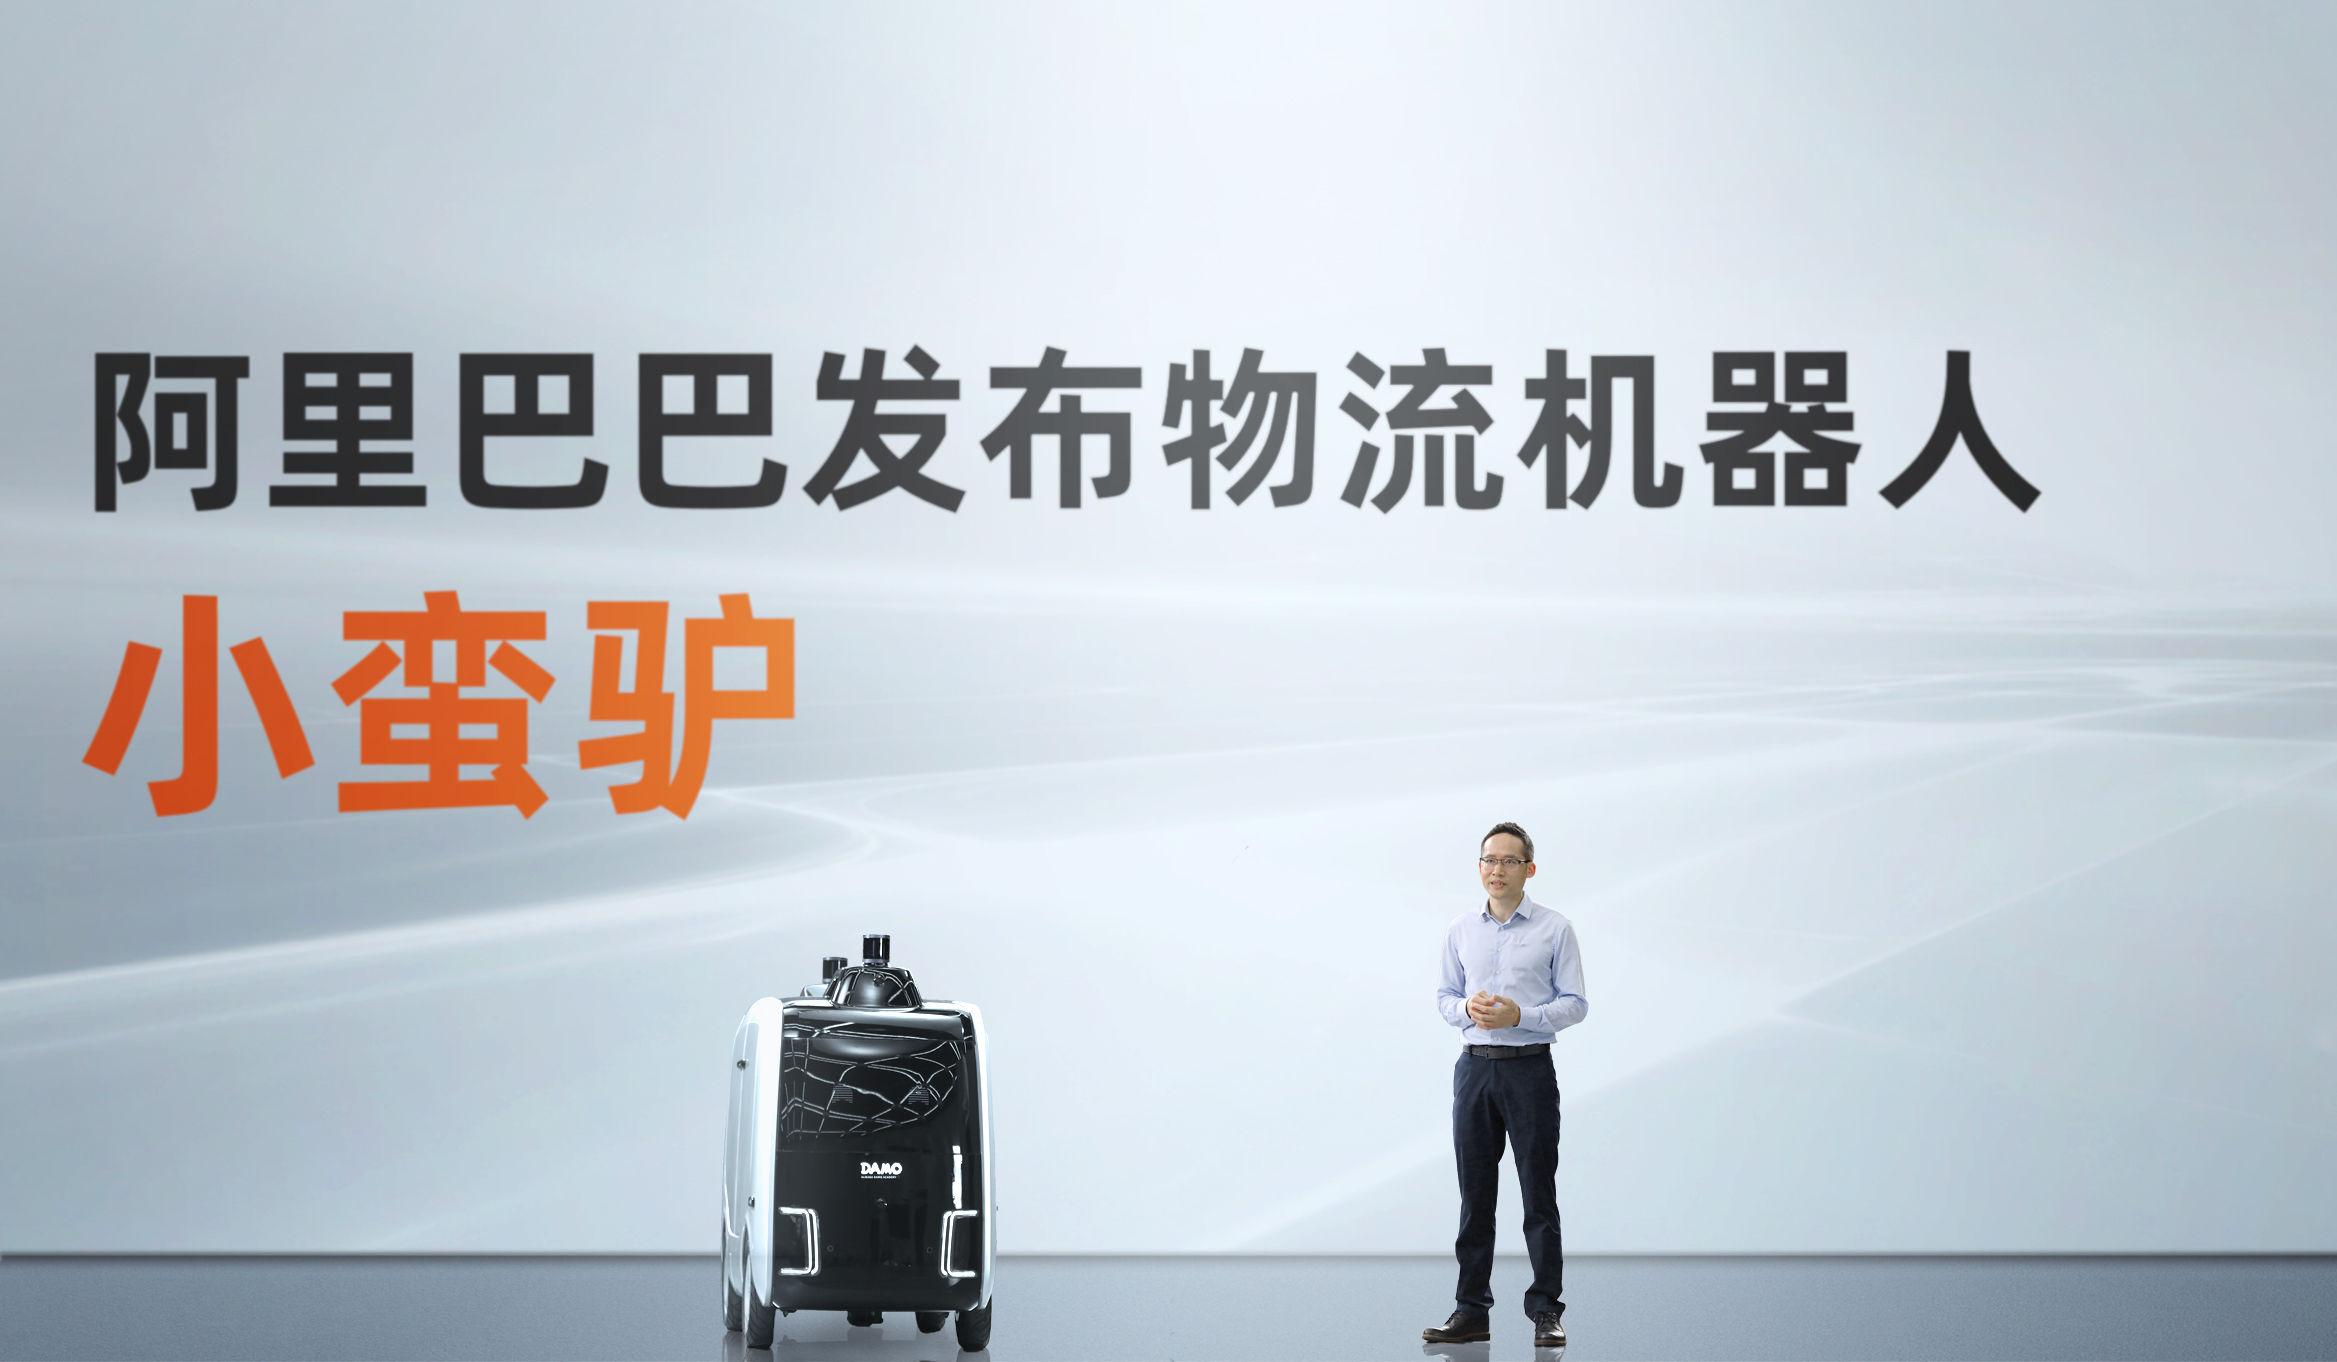 """阿里发布首款物流机器人""""小蛮驴"""",进军机器人赛道"""